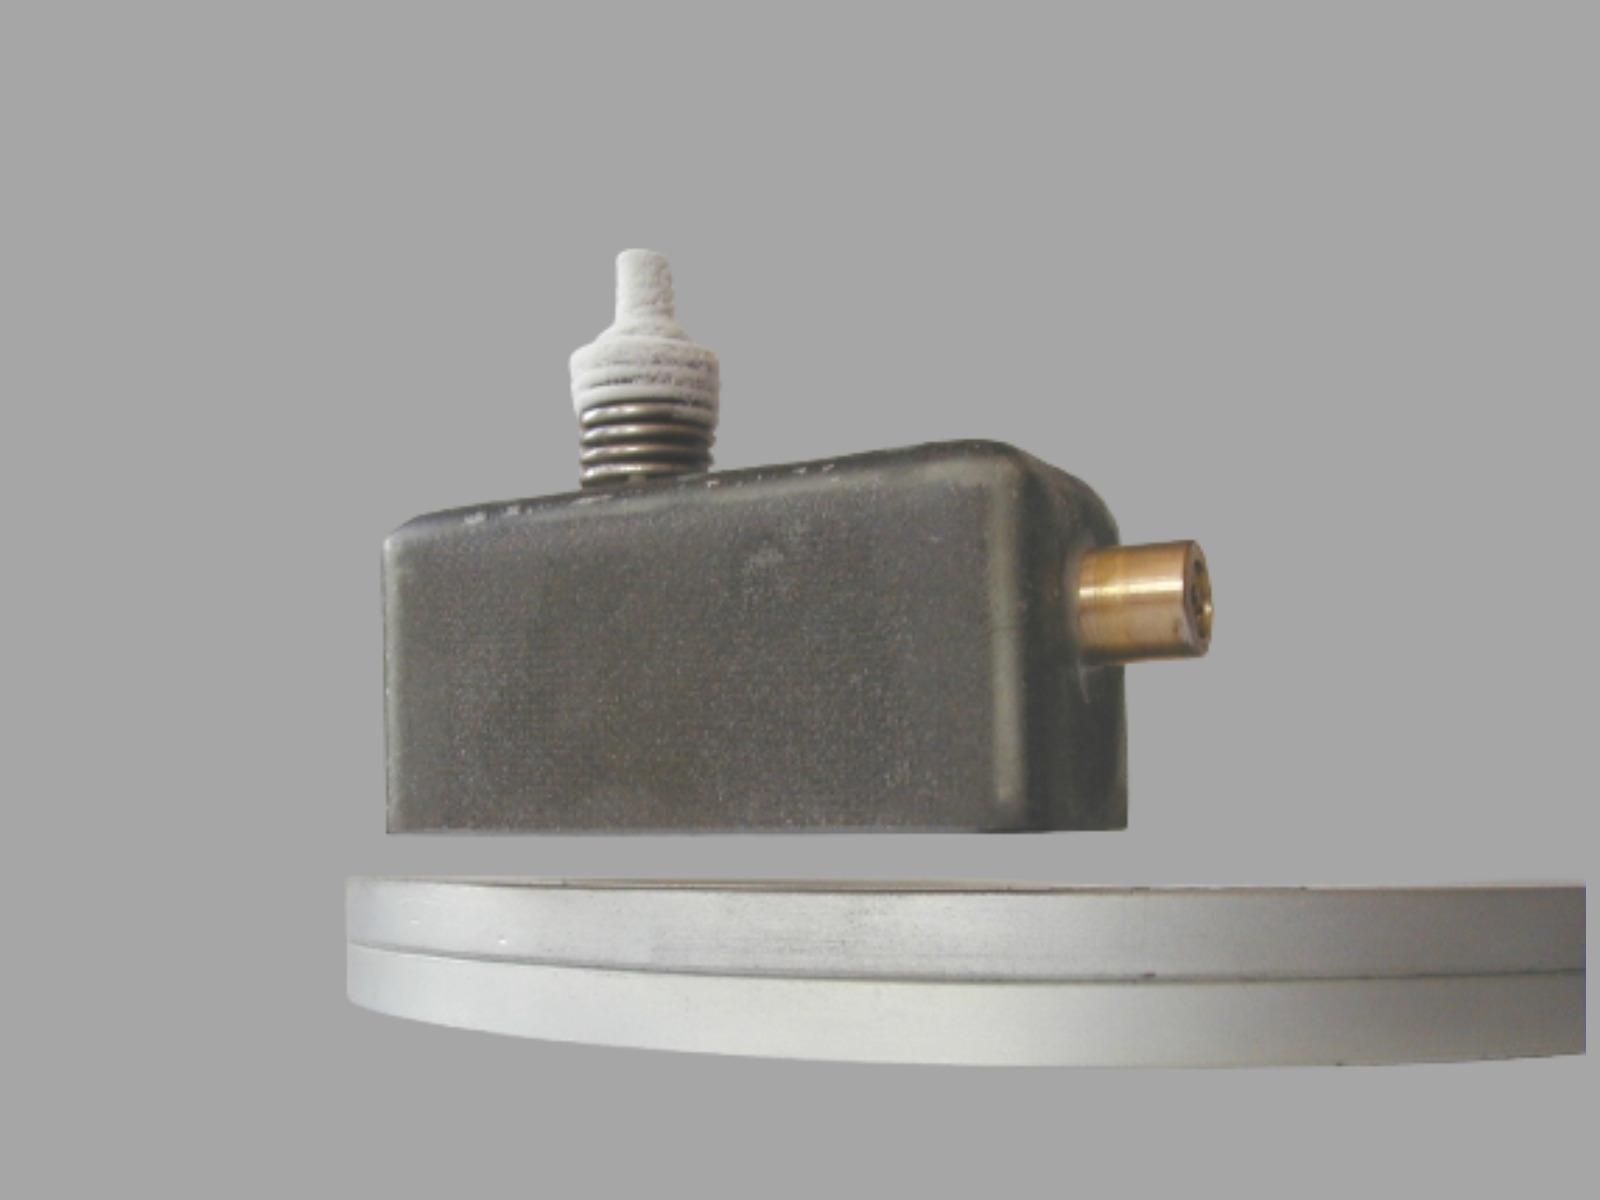 Maglev mini-cryostat